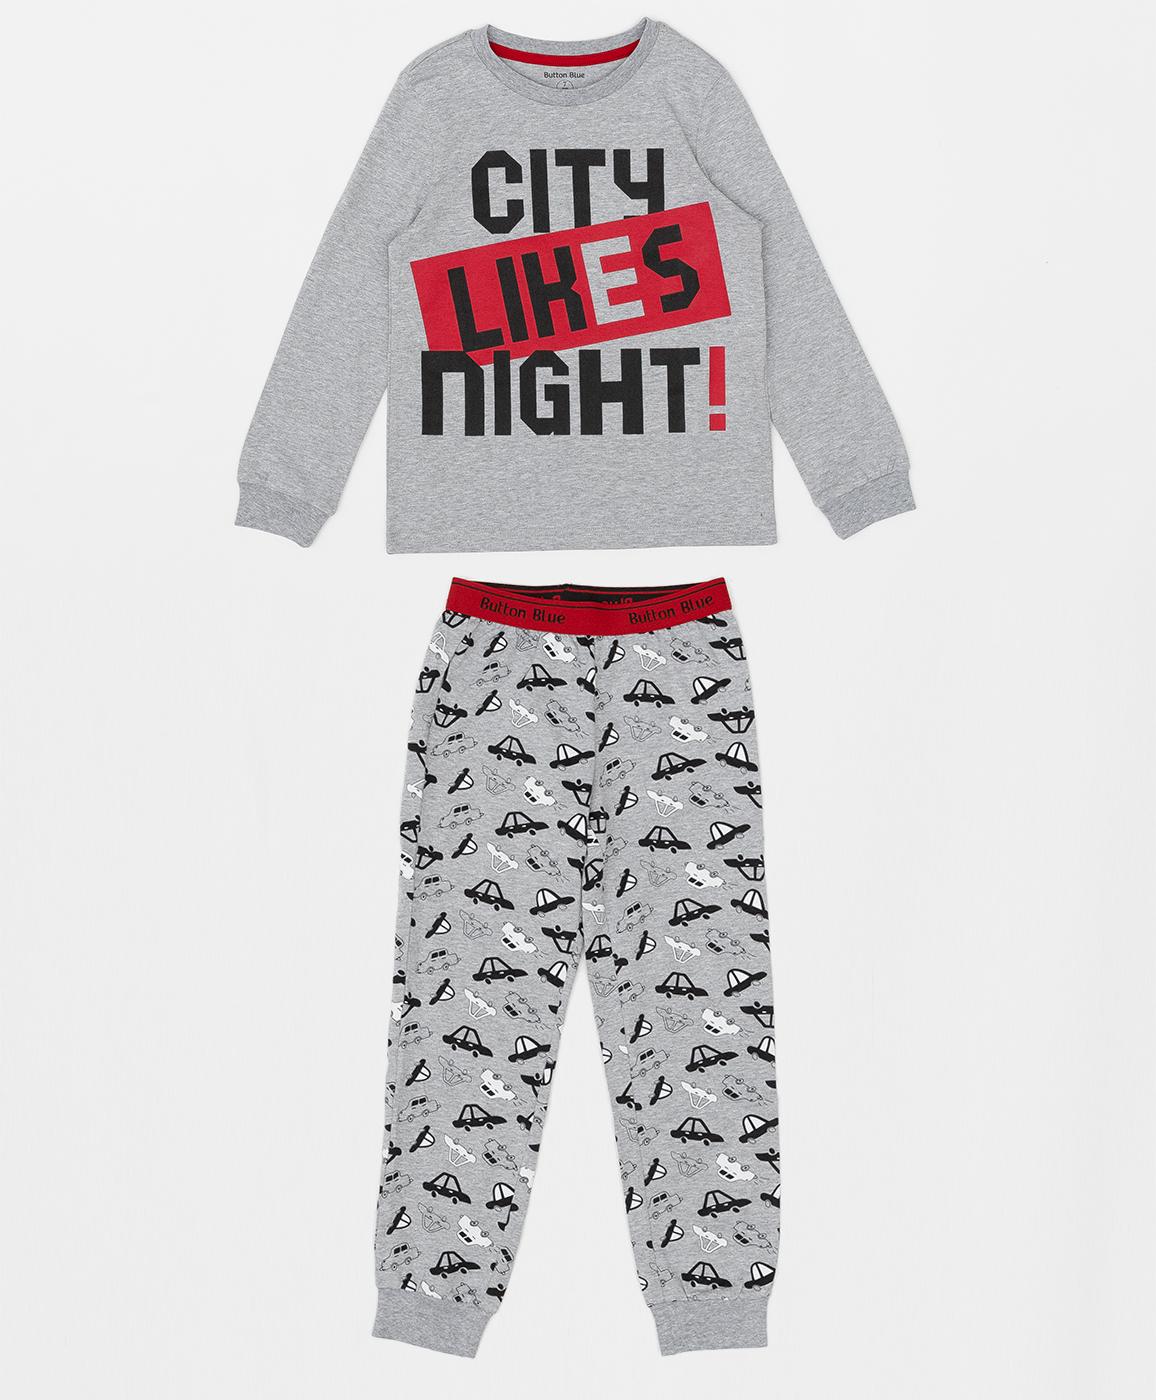 Купить 220BBBMU97011913, Пижама для мальчика Button Blue, серый, 116-122, Хлопок, Мужской, ОСЕНЬ/ЗИМА 2020-2021 (shop: GulliverMarket Gulliver Market)